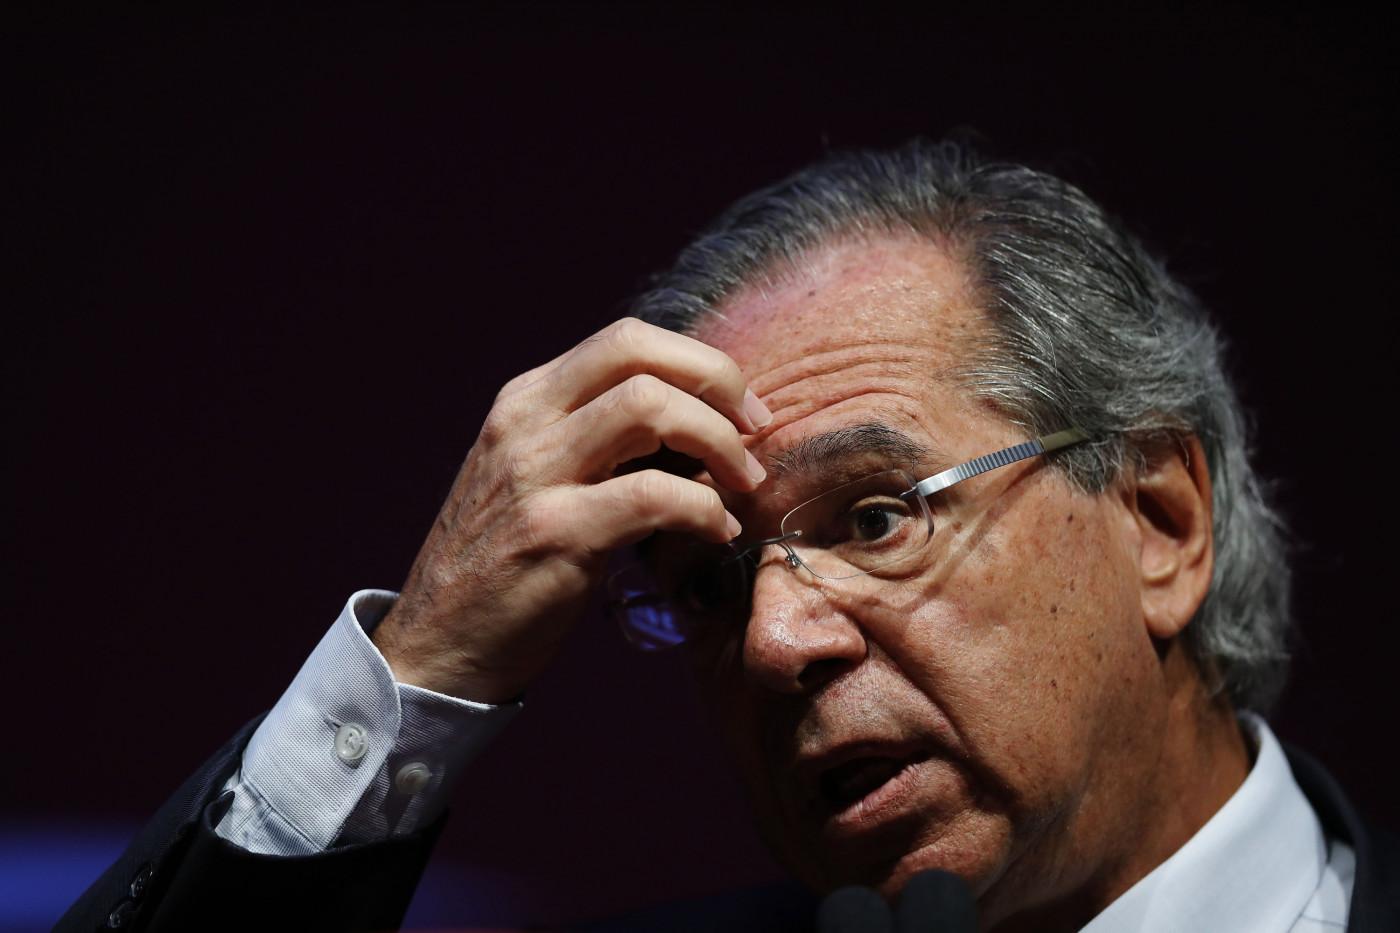 Ministro da Economia, Paulo Geuedes, com a mão da testa